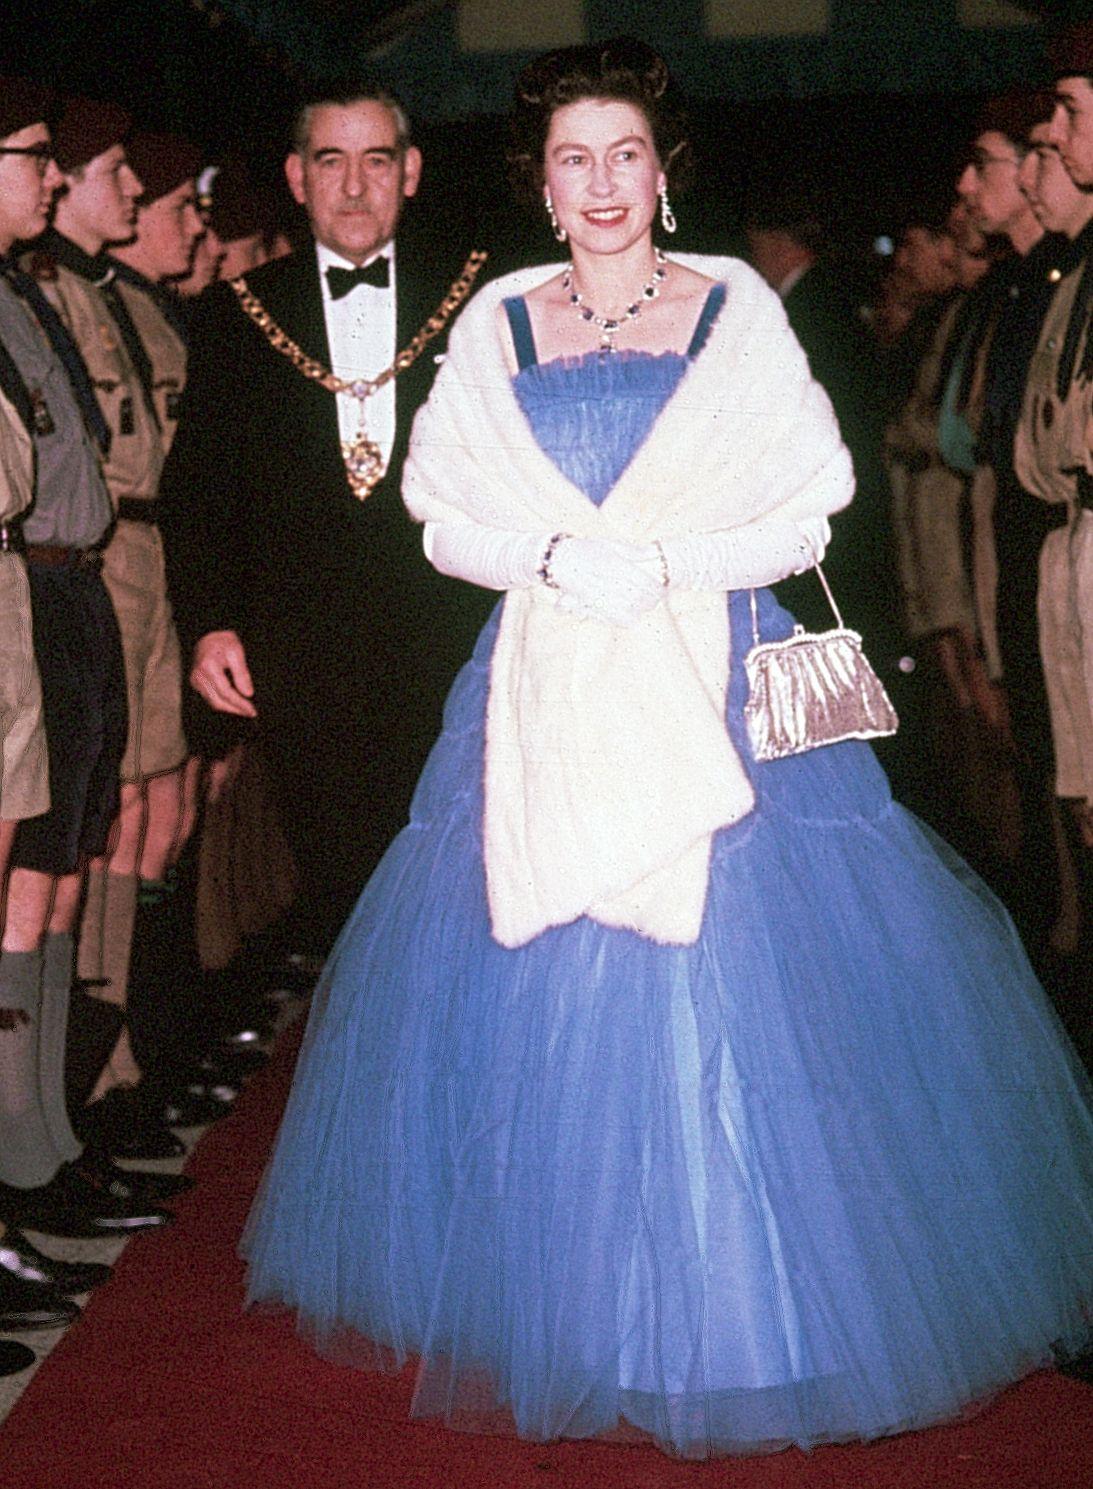 Royal Family Halloween Costumes Halloween Queen Queen Gown Queen Elizabeth [ 1489 x 1093 Pixel ]